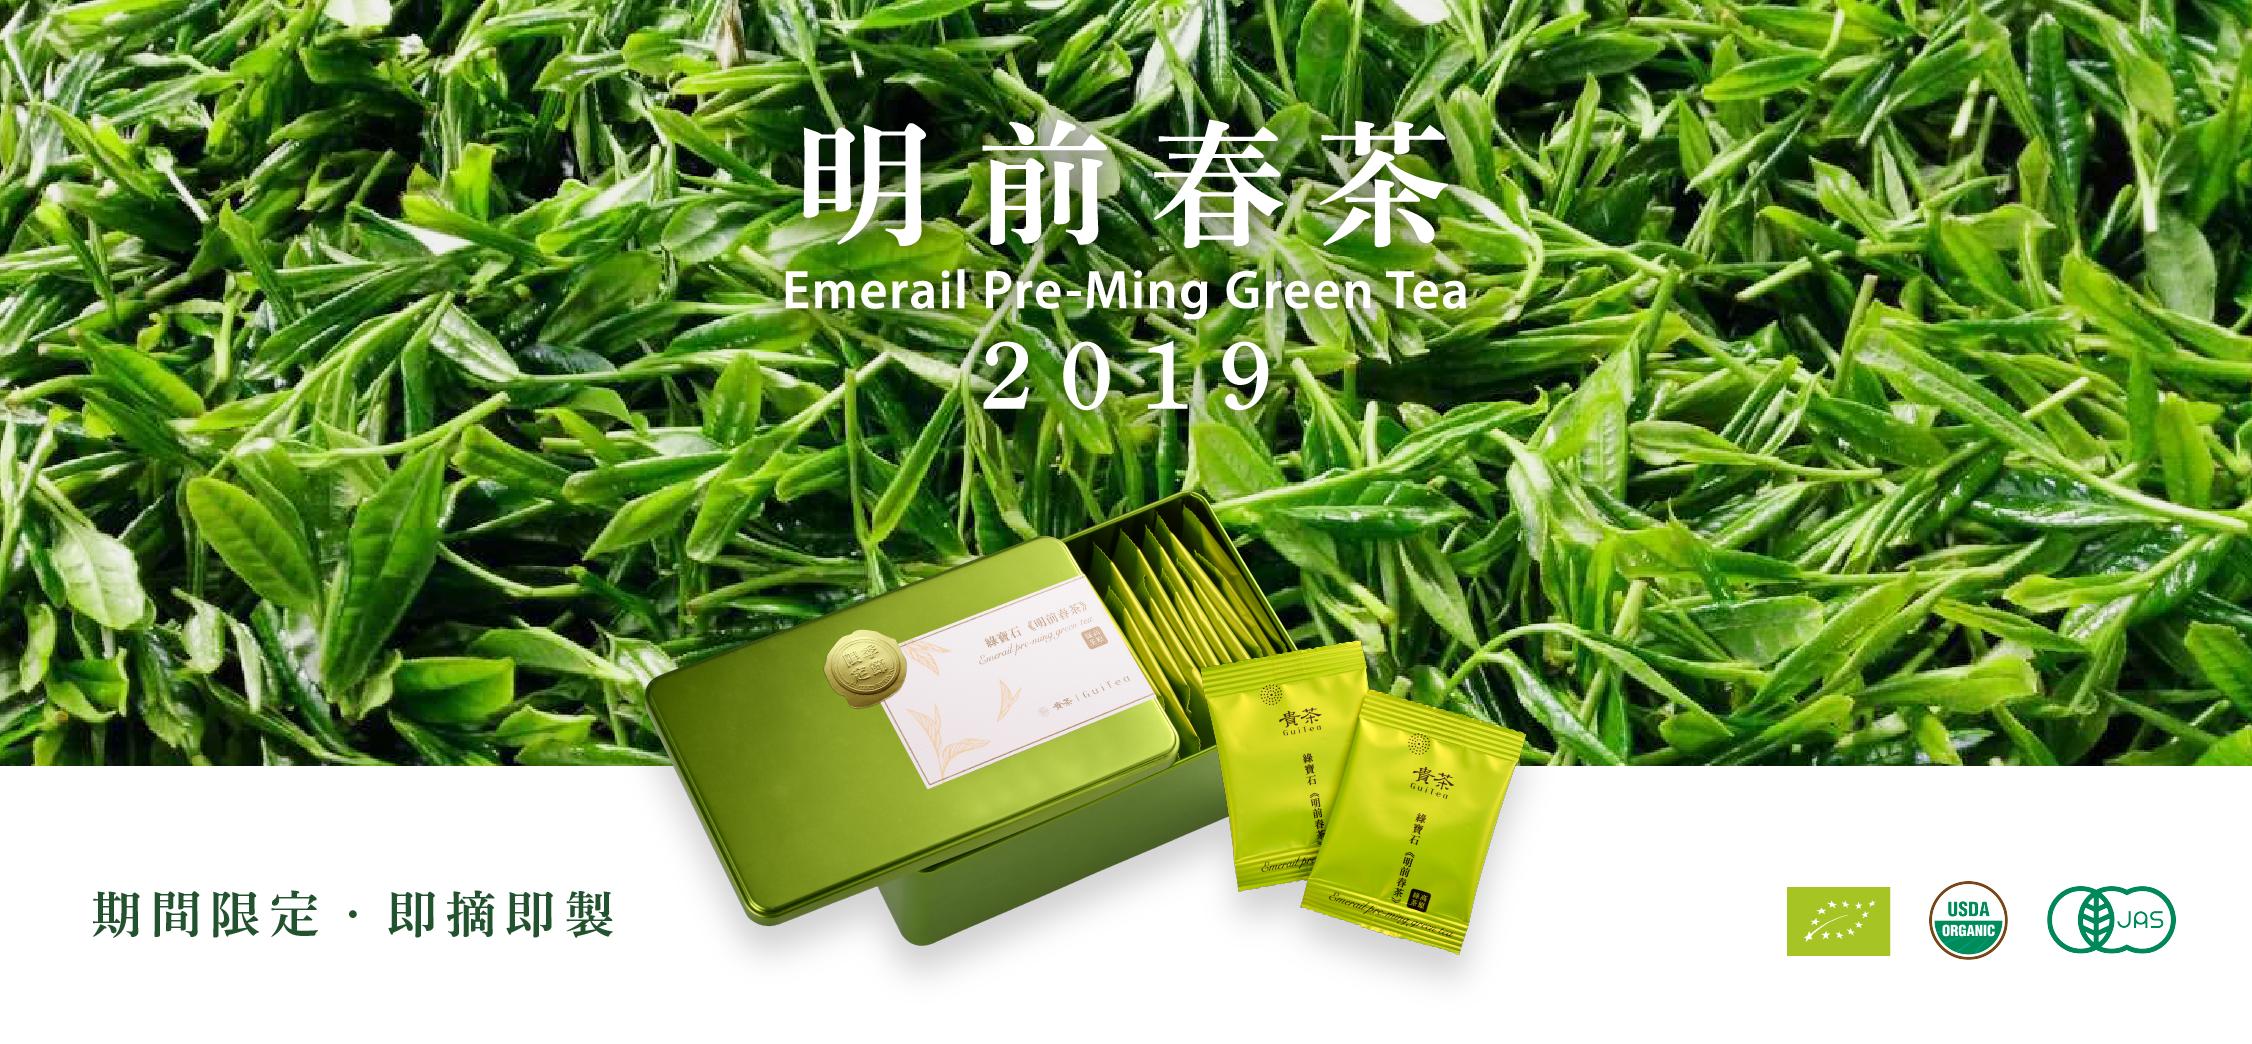 2019年版《有機明前春茶》已經接受訂購,將今年春天的鮮甜清香茶味,帶回家慢慢品嚐。